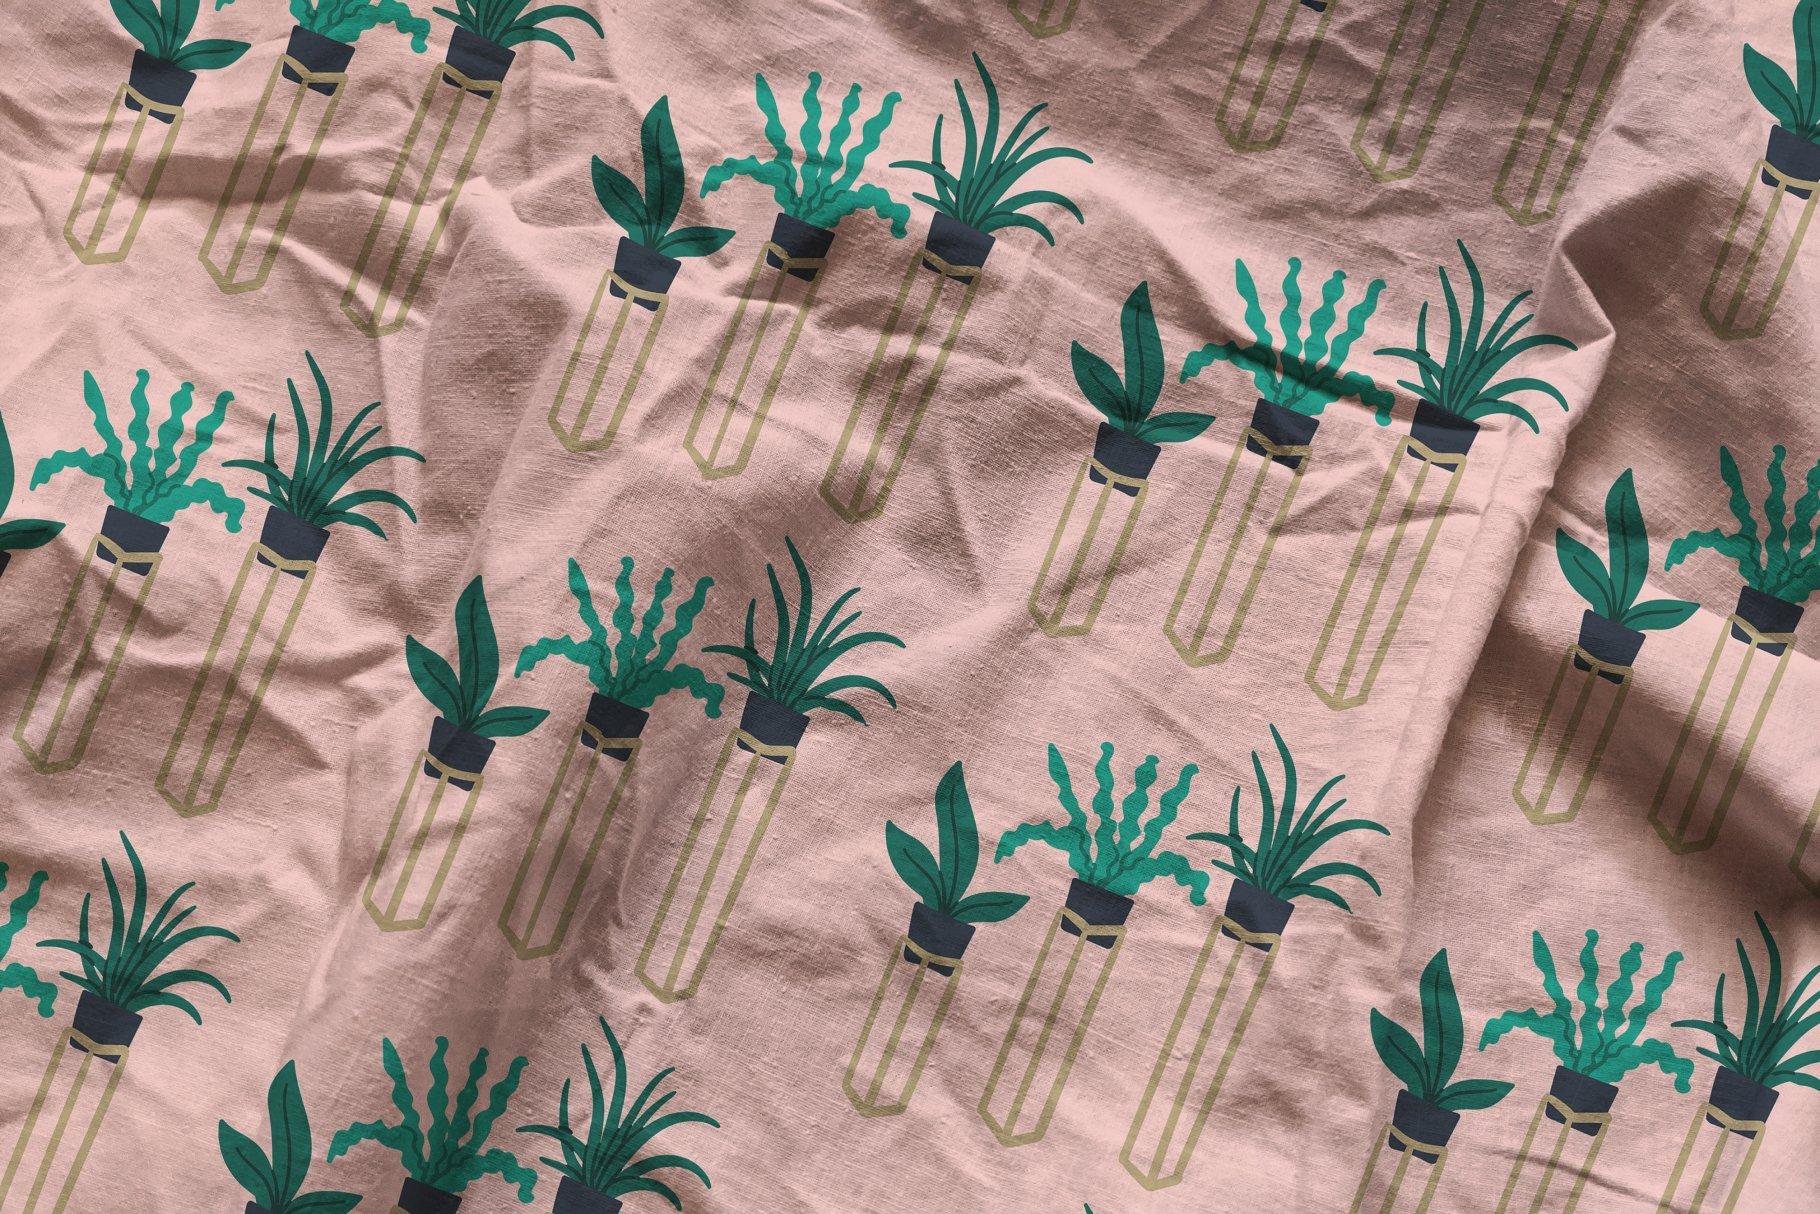 褶皱纺织面料布料印花图案设计PS贴图样机模板 Cotton Fabric Mockup插图4